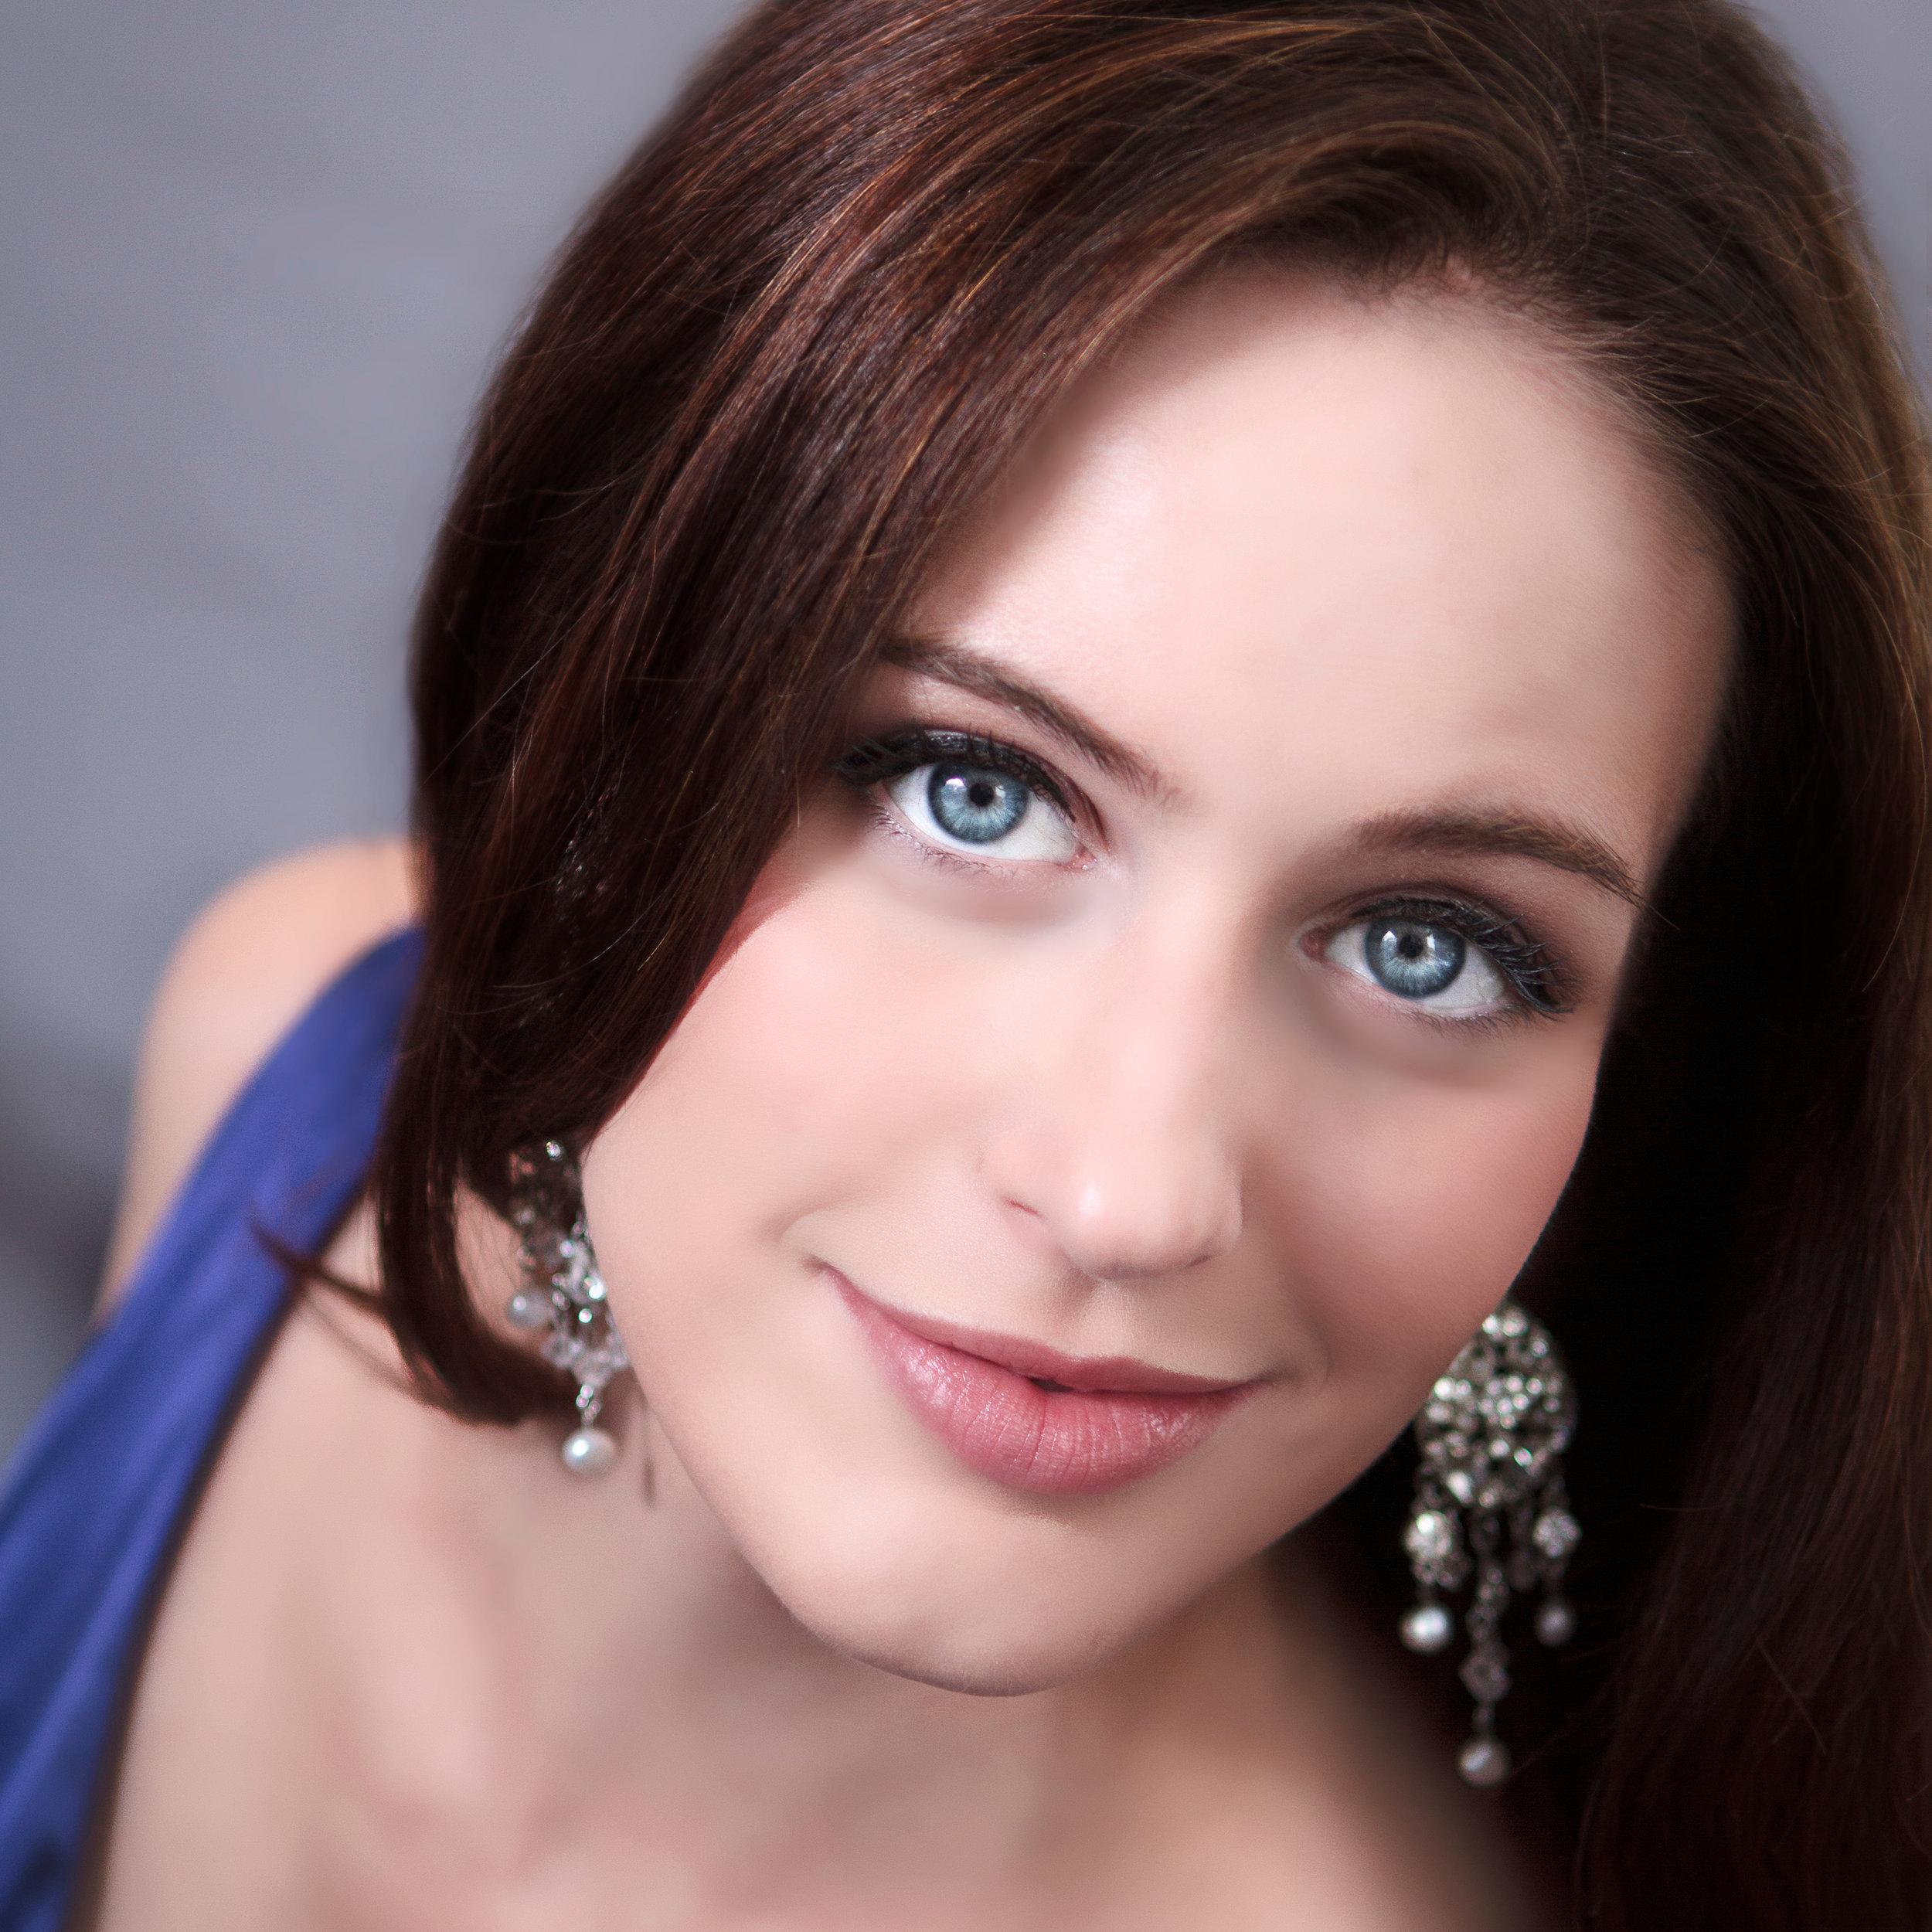 Amanda Kingston headshot (High-Res) 4096x6144.jpg